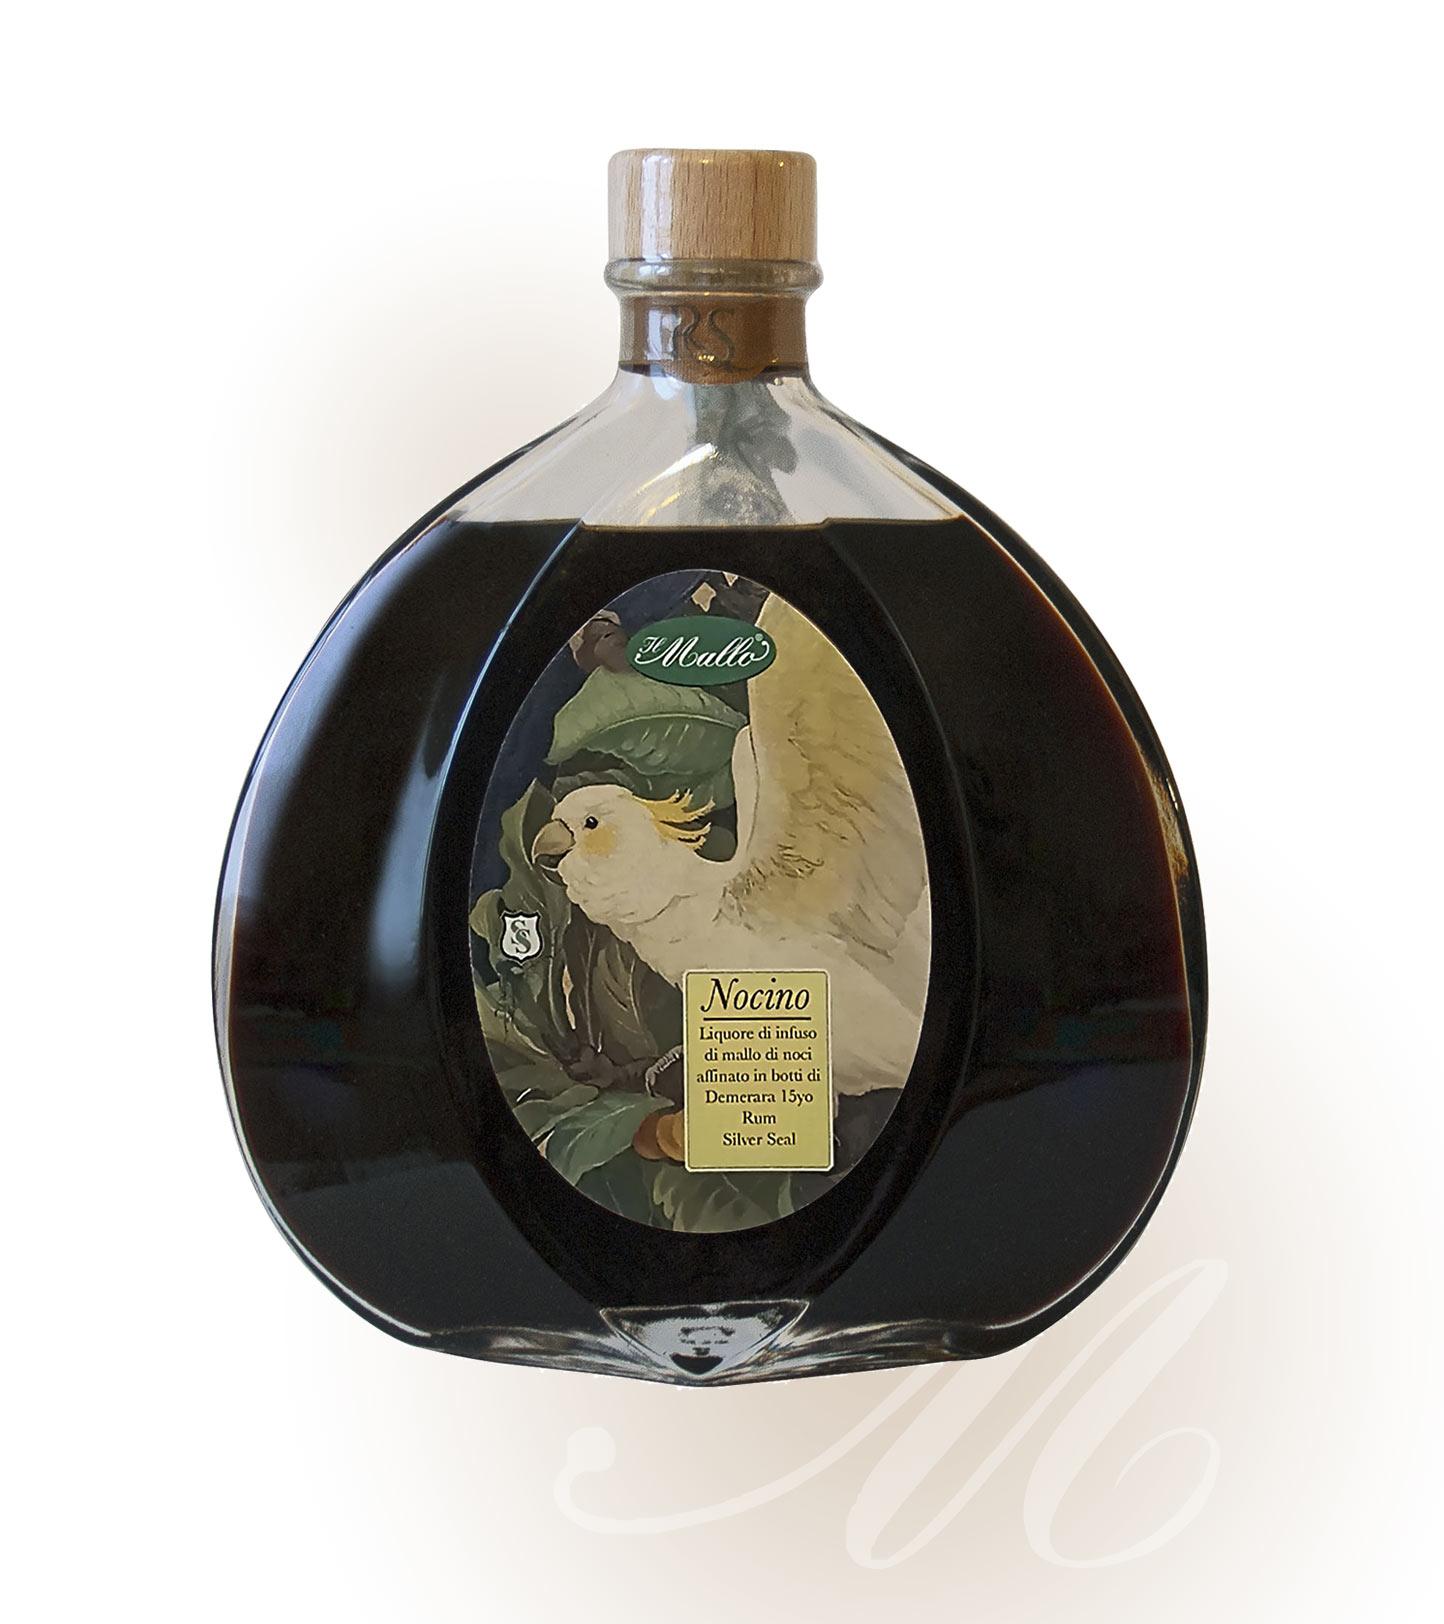 Il Mallo - Nocino di Modena Rum Cask